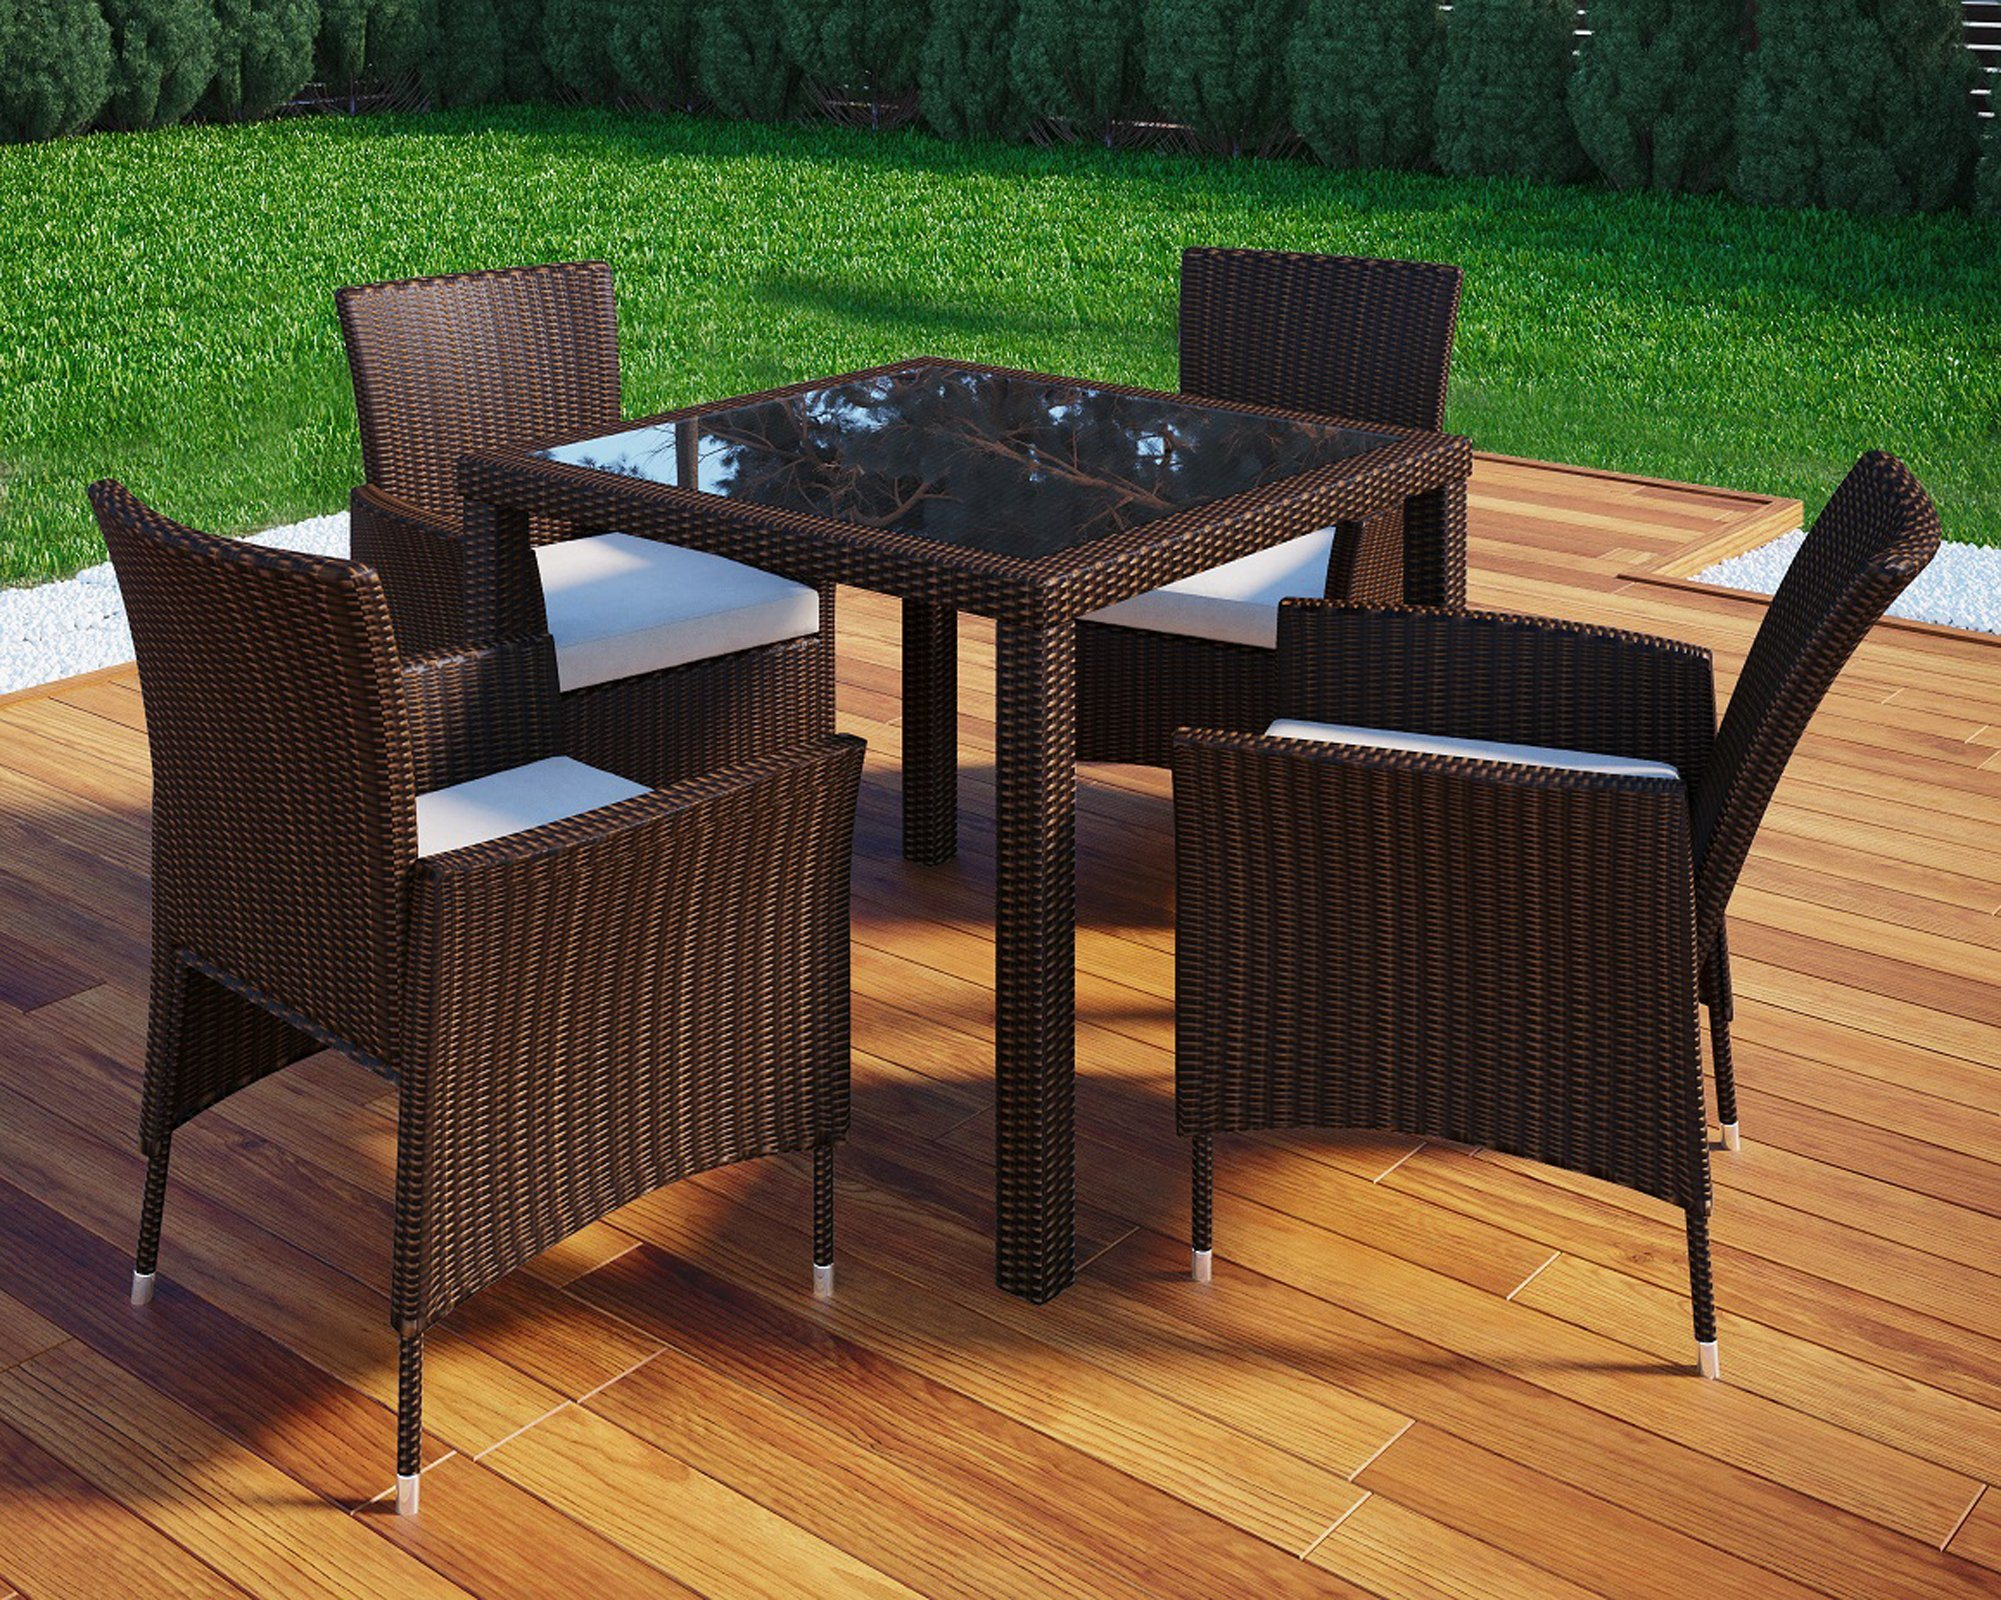 Inspirierend Ausgefallene Gartenmöbel Das Beste Von Rattan Gartenmöbel - Set 90x90